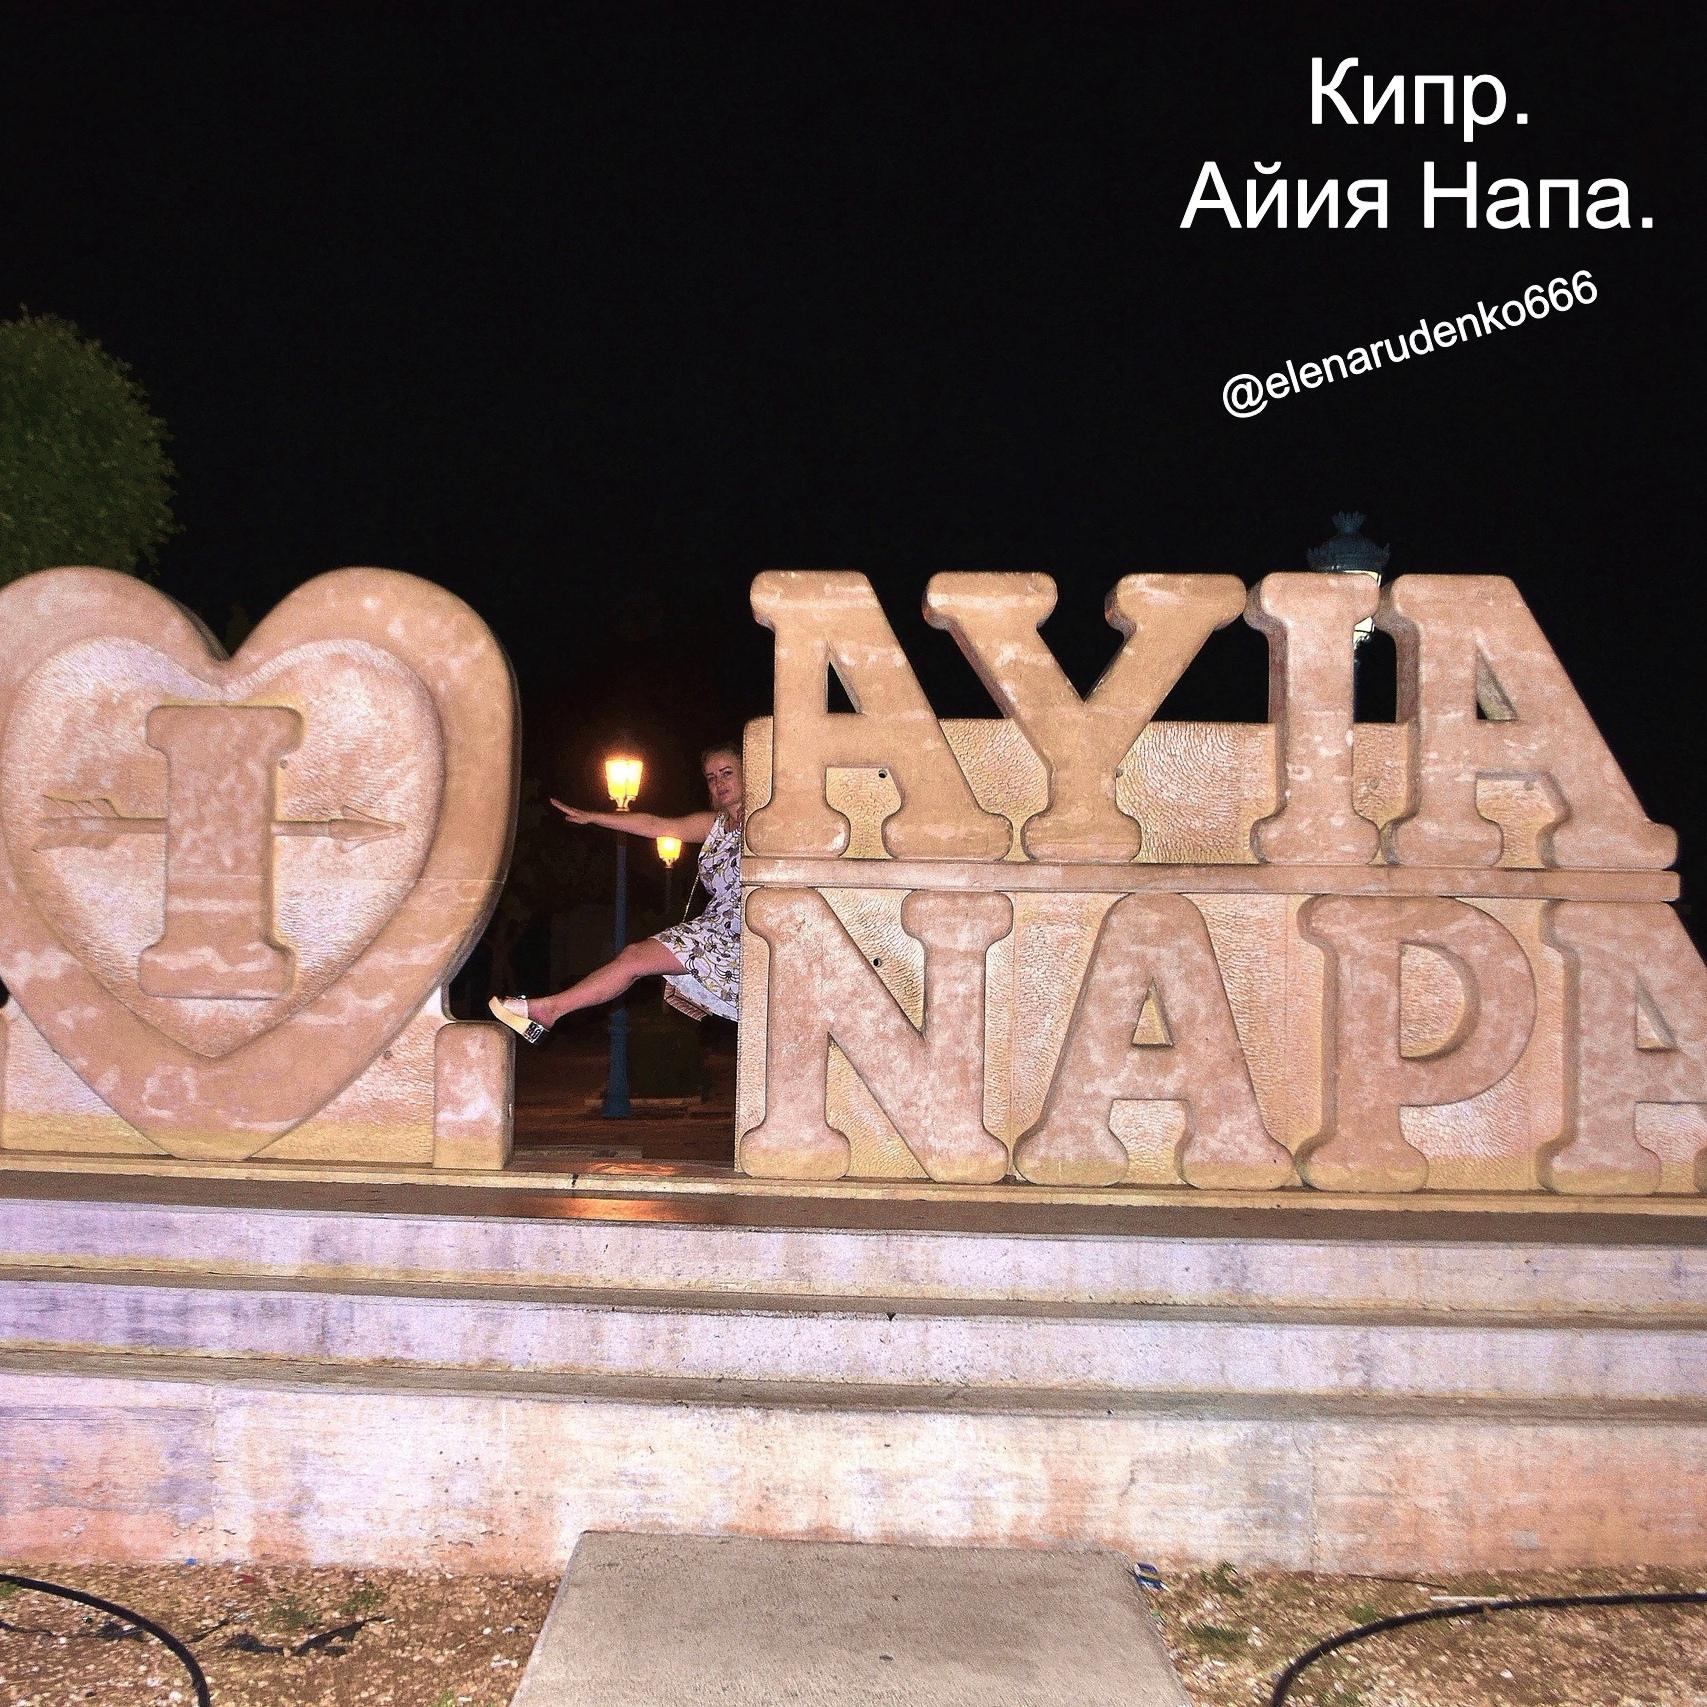 перелет - Елена Руденко (Валтея). Кипр мои впечатления. отзывы, достопримечательности, фото и видео.  RfKa6OG_g2U